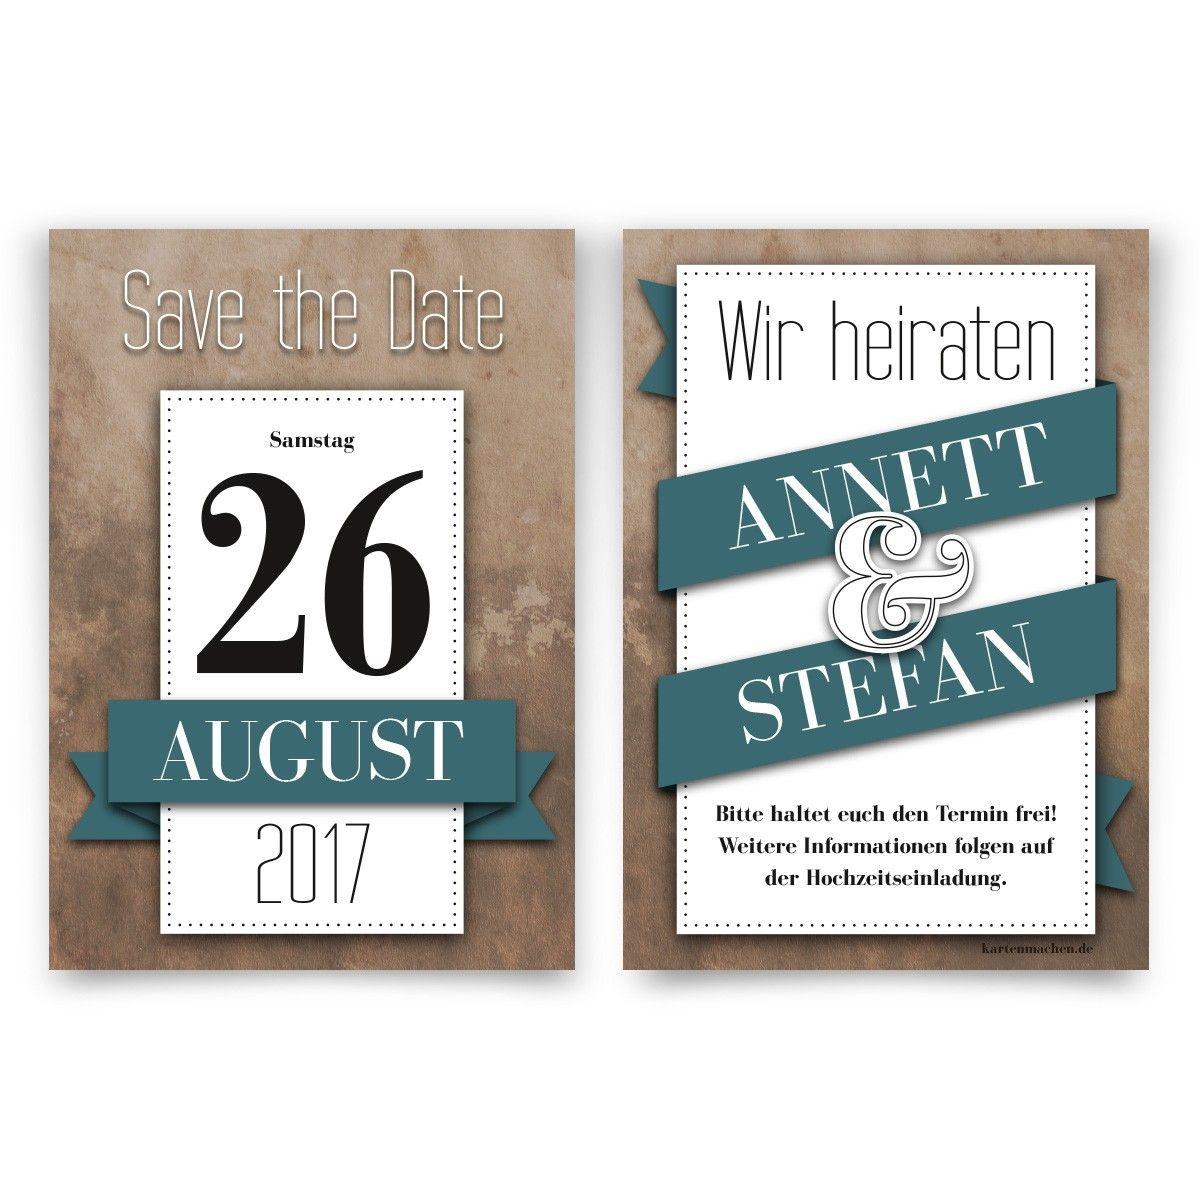 Familie Und Freunde Werden Sich Den Tag Gleich Rot Im Kalender Anstreichen.  #savethedate #hochzeit #heiraten #einladung #invitation #wedding #kalender  ...